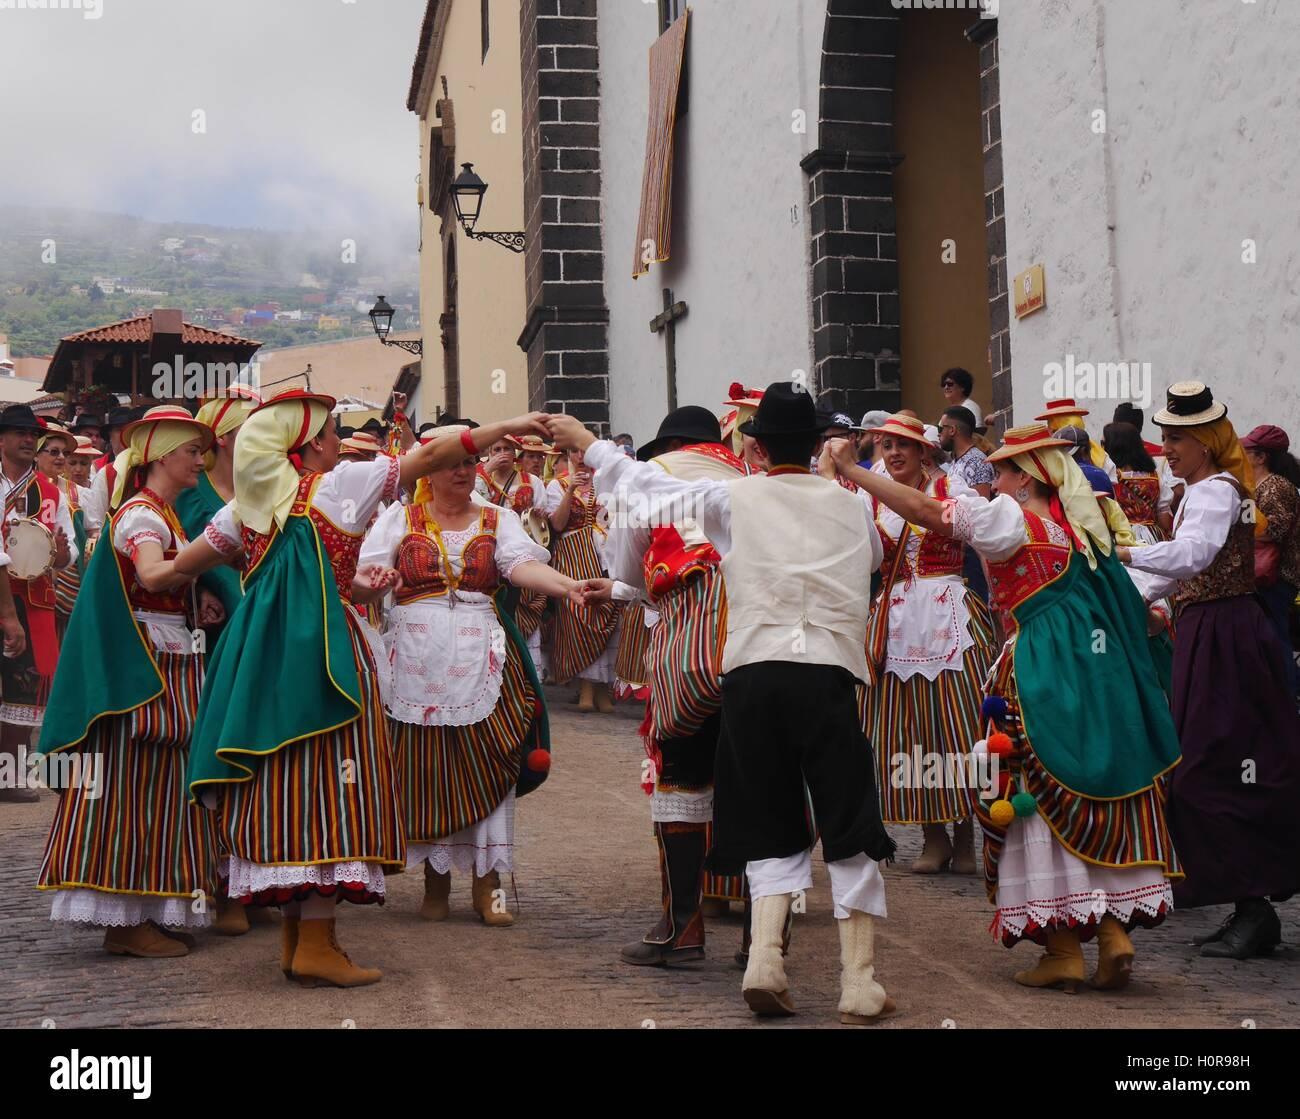 Menschen in Trachten, tanzen in der Romería de San Isidro Labrador, ein fest zu feiern Bauerntraditionen, La Stockbild